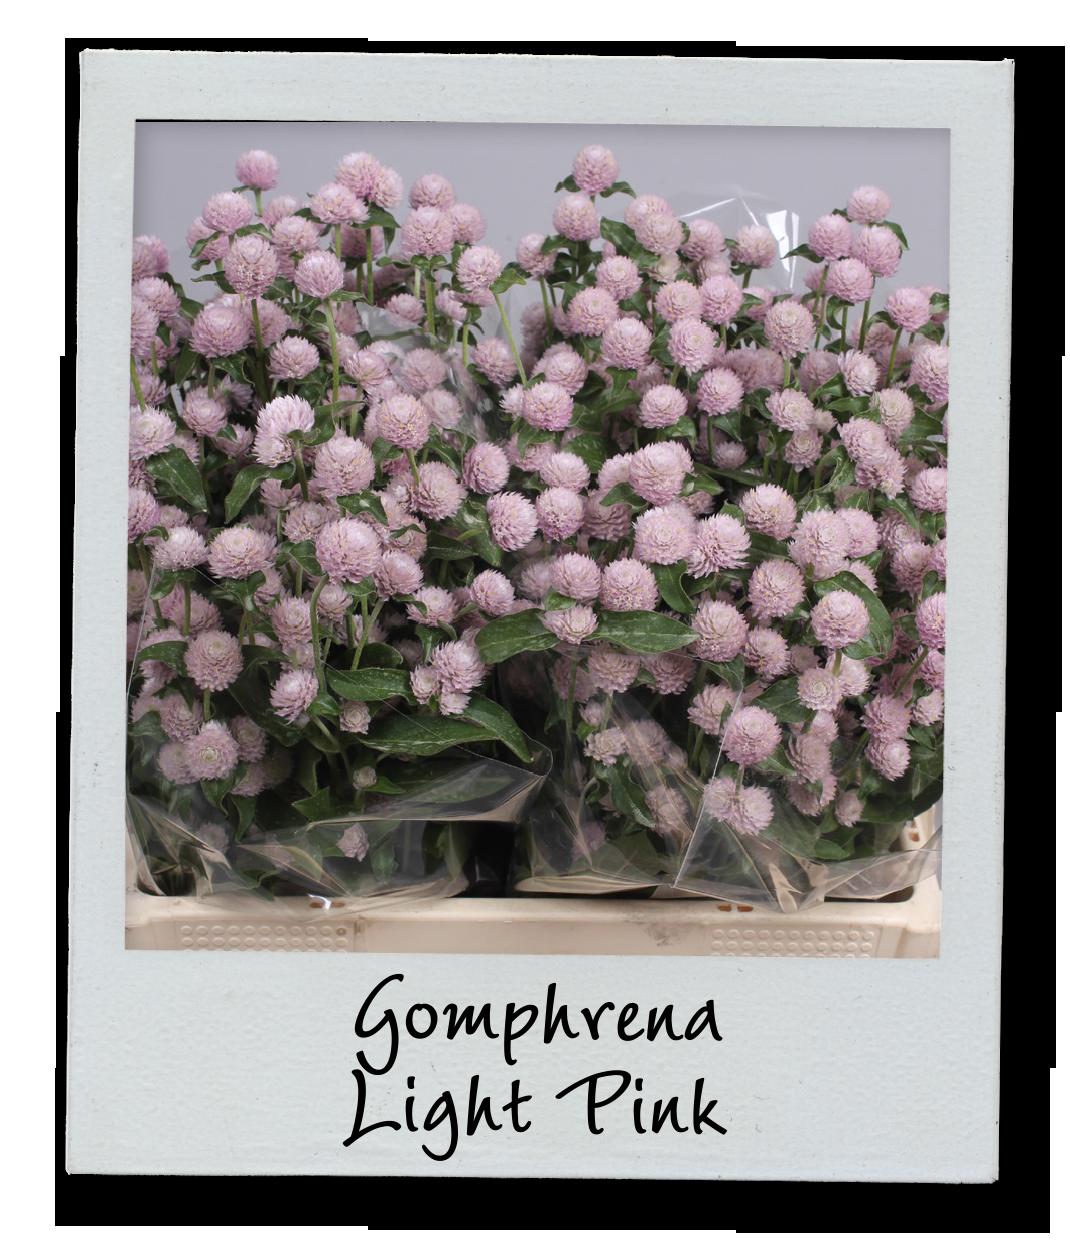 Holex Insights newsletter week 42 - Gomphrena Light Pink